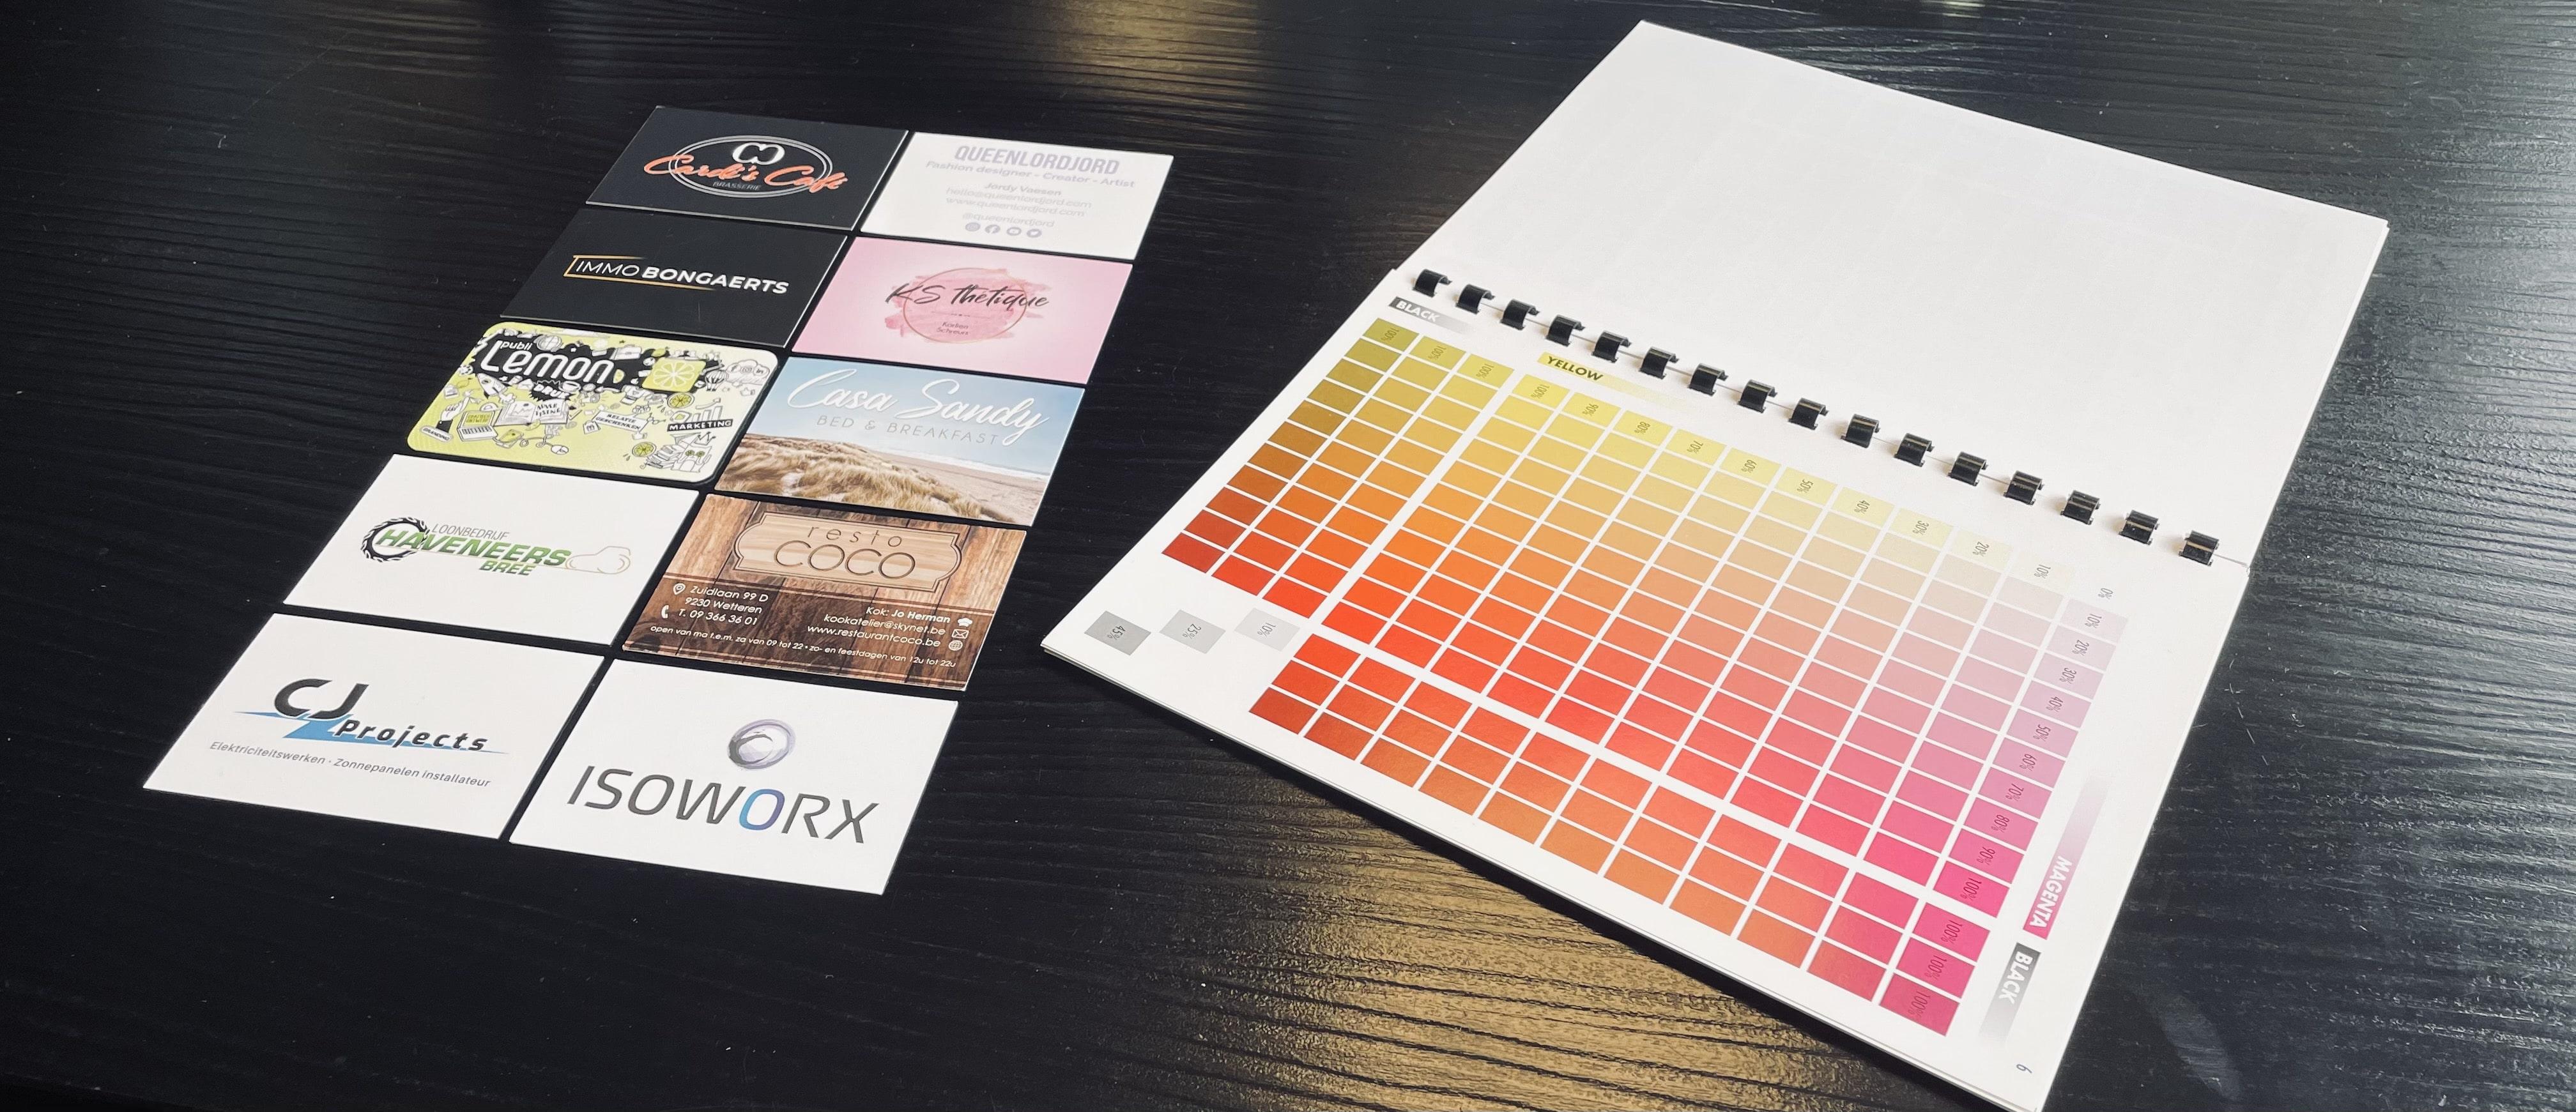 een kleurenwaaier om logo kleuren uit te leggen